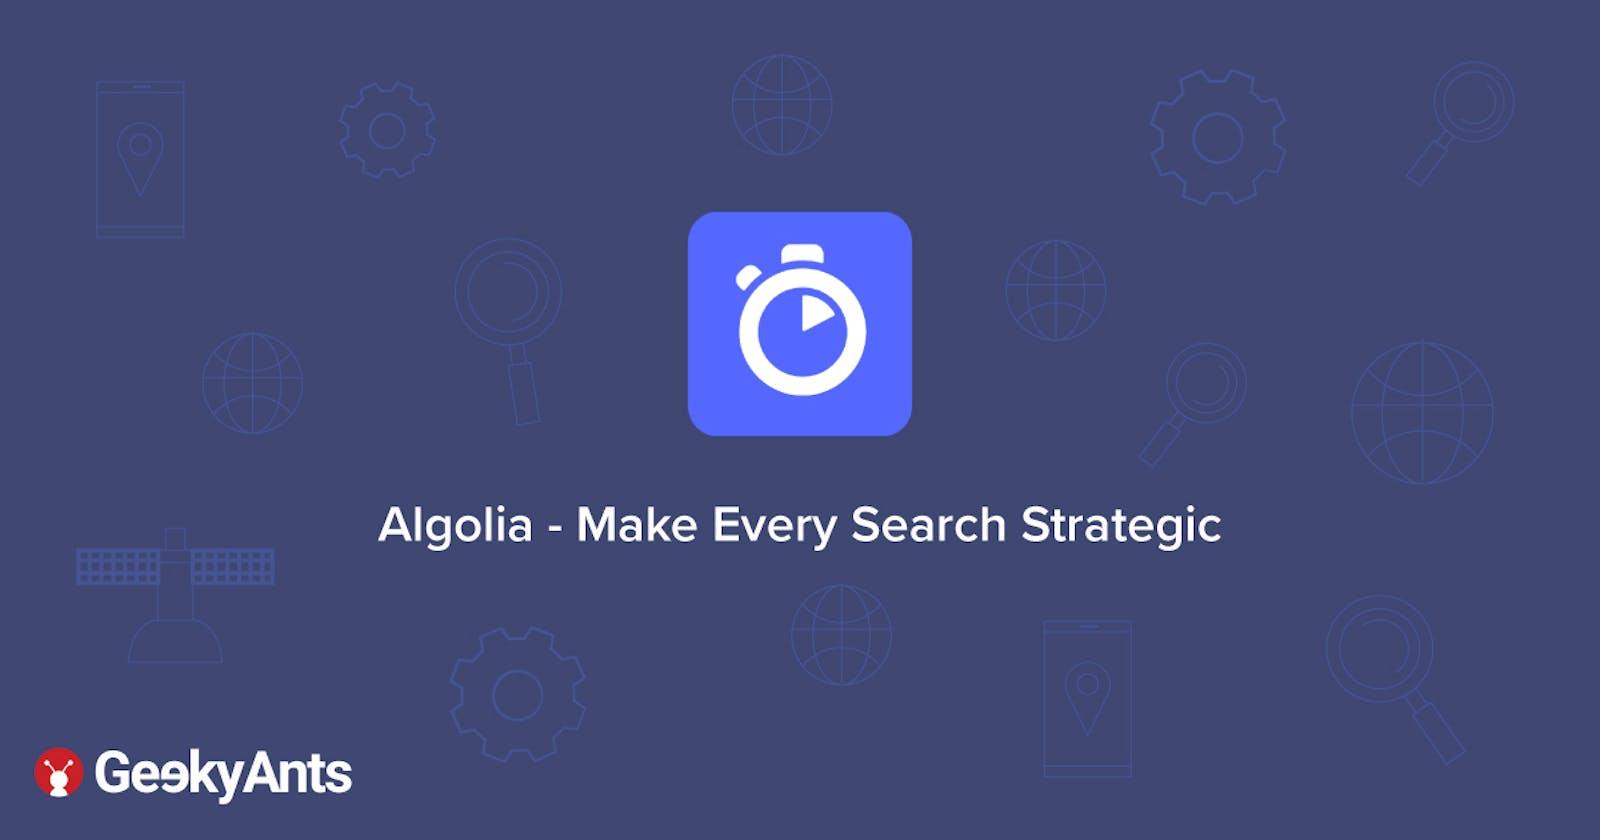 Algolia - Make Every Search Strategic